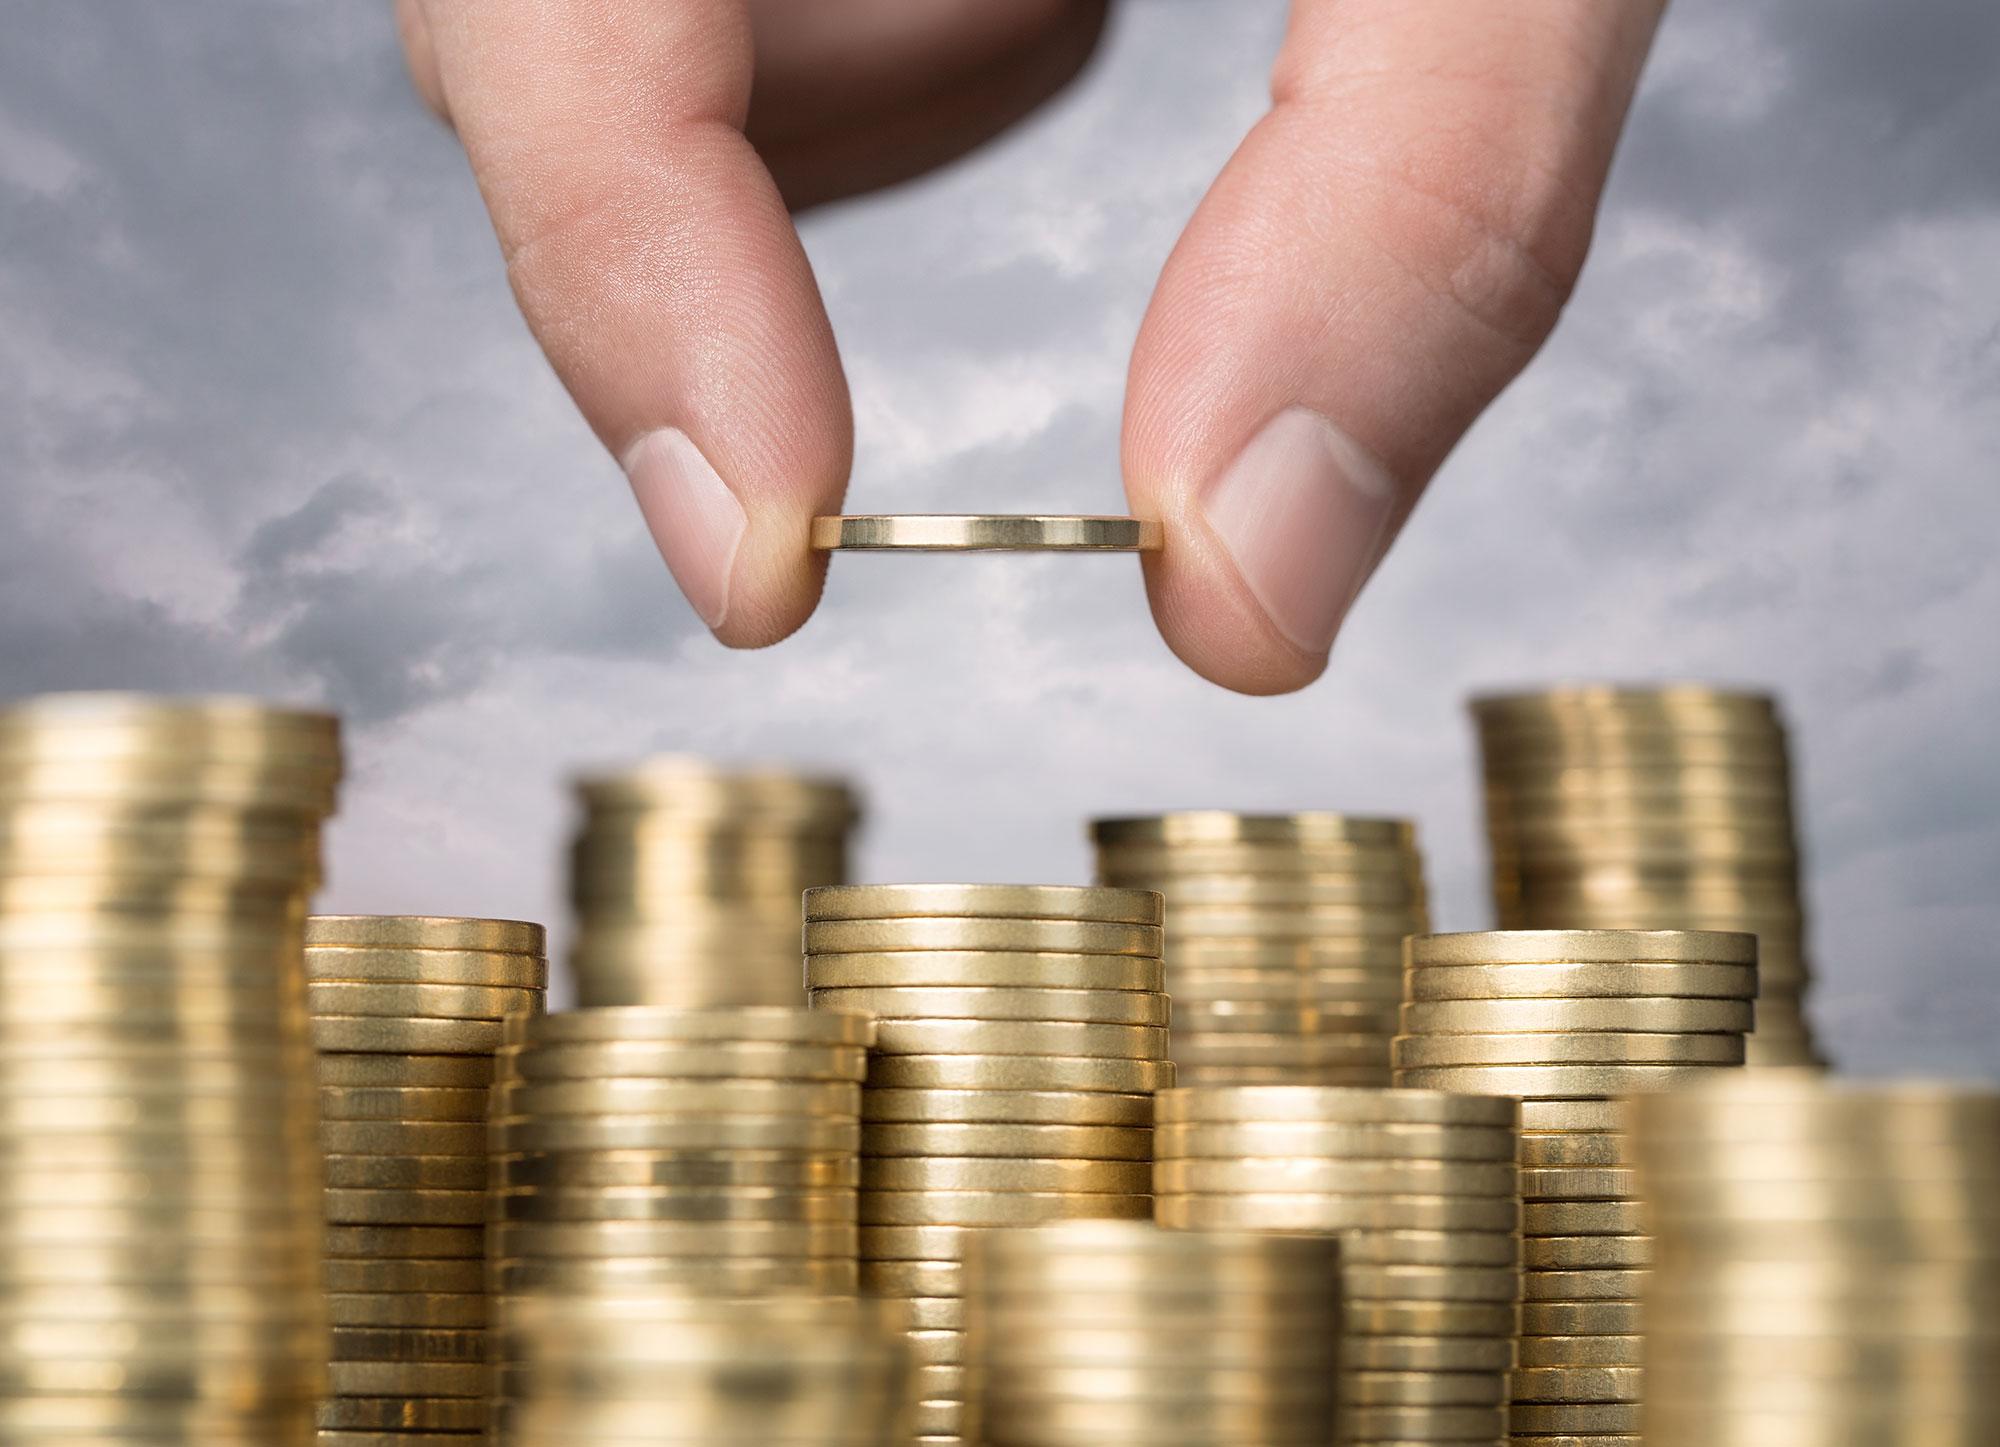 Budget – La Wallonie a déjà acquis 85% des fonds dont elle a besoin